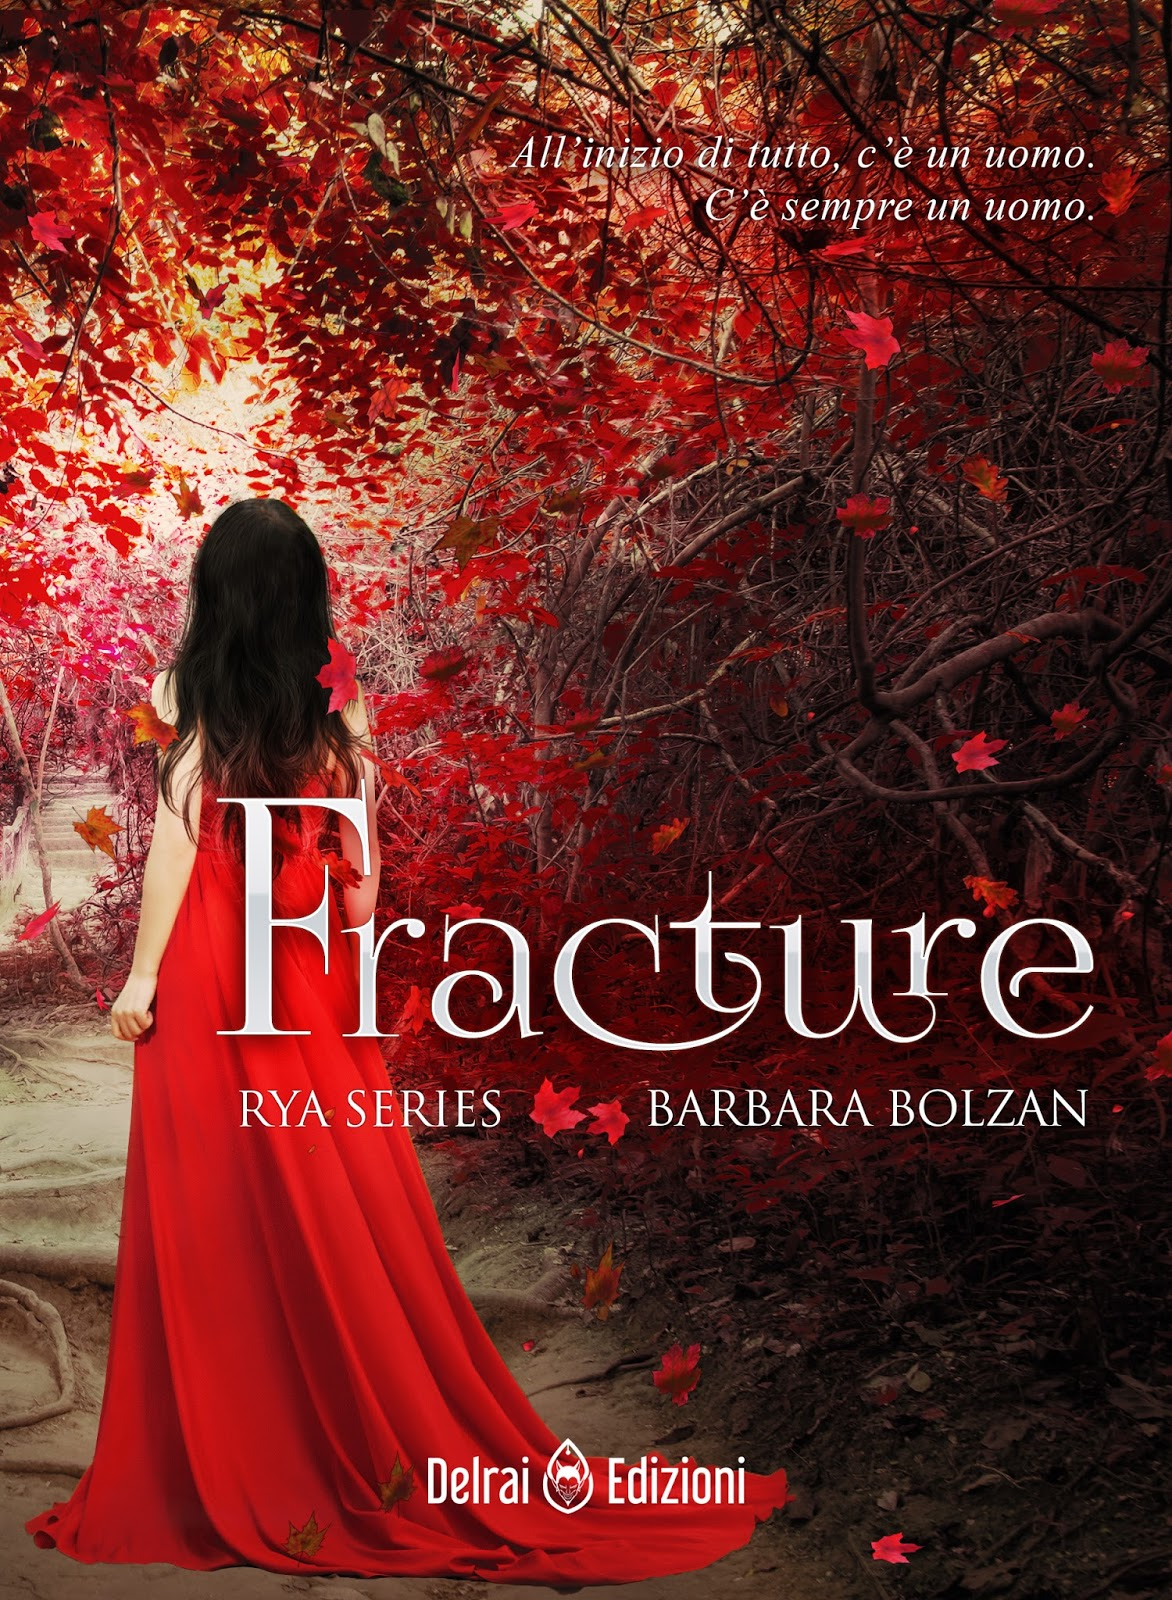 cover-ebook-fracture-grande-1875x2560_300dpi